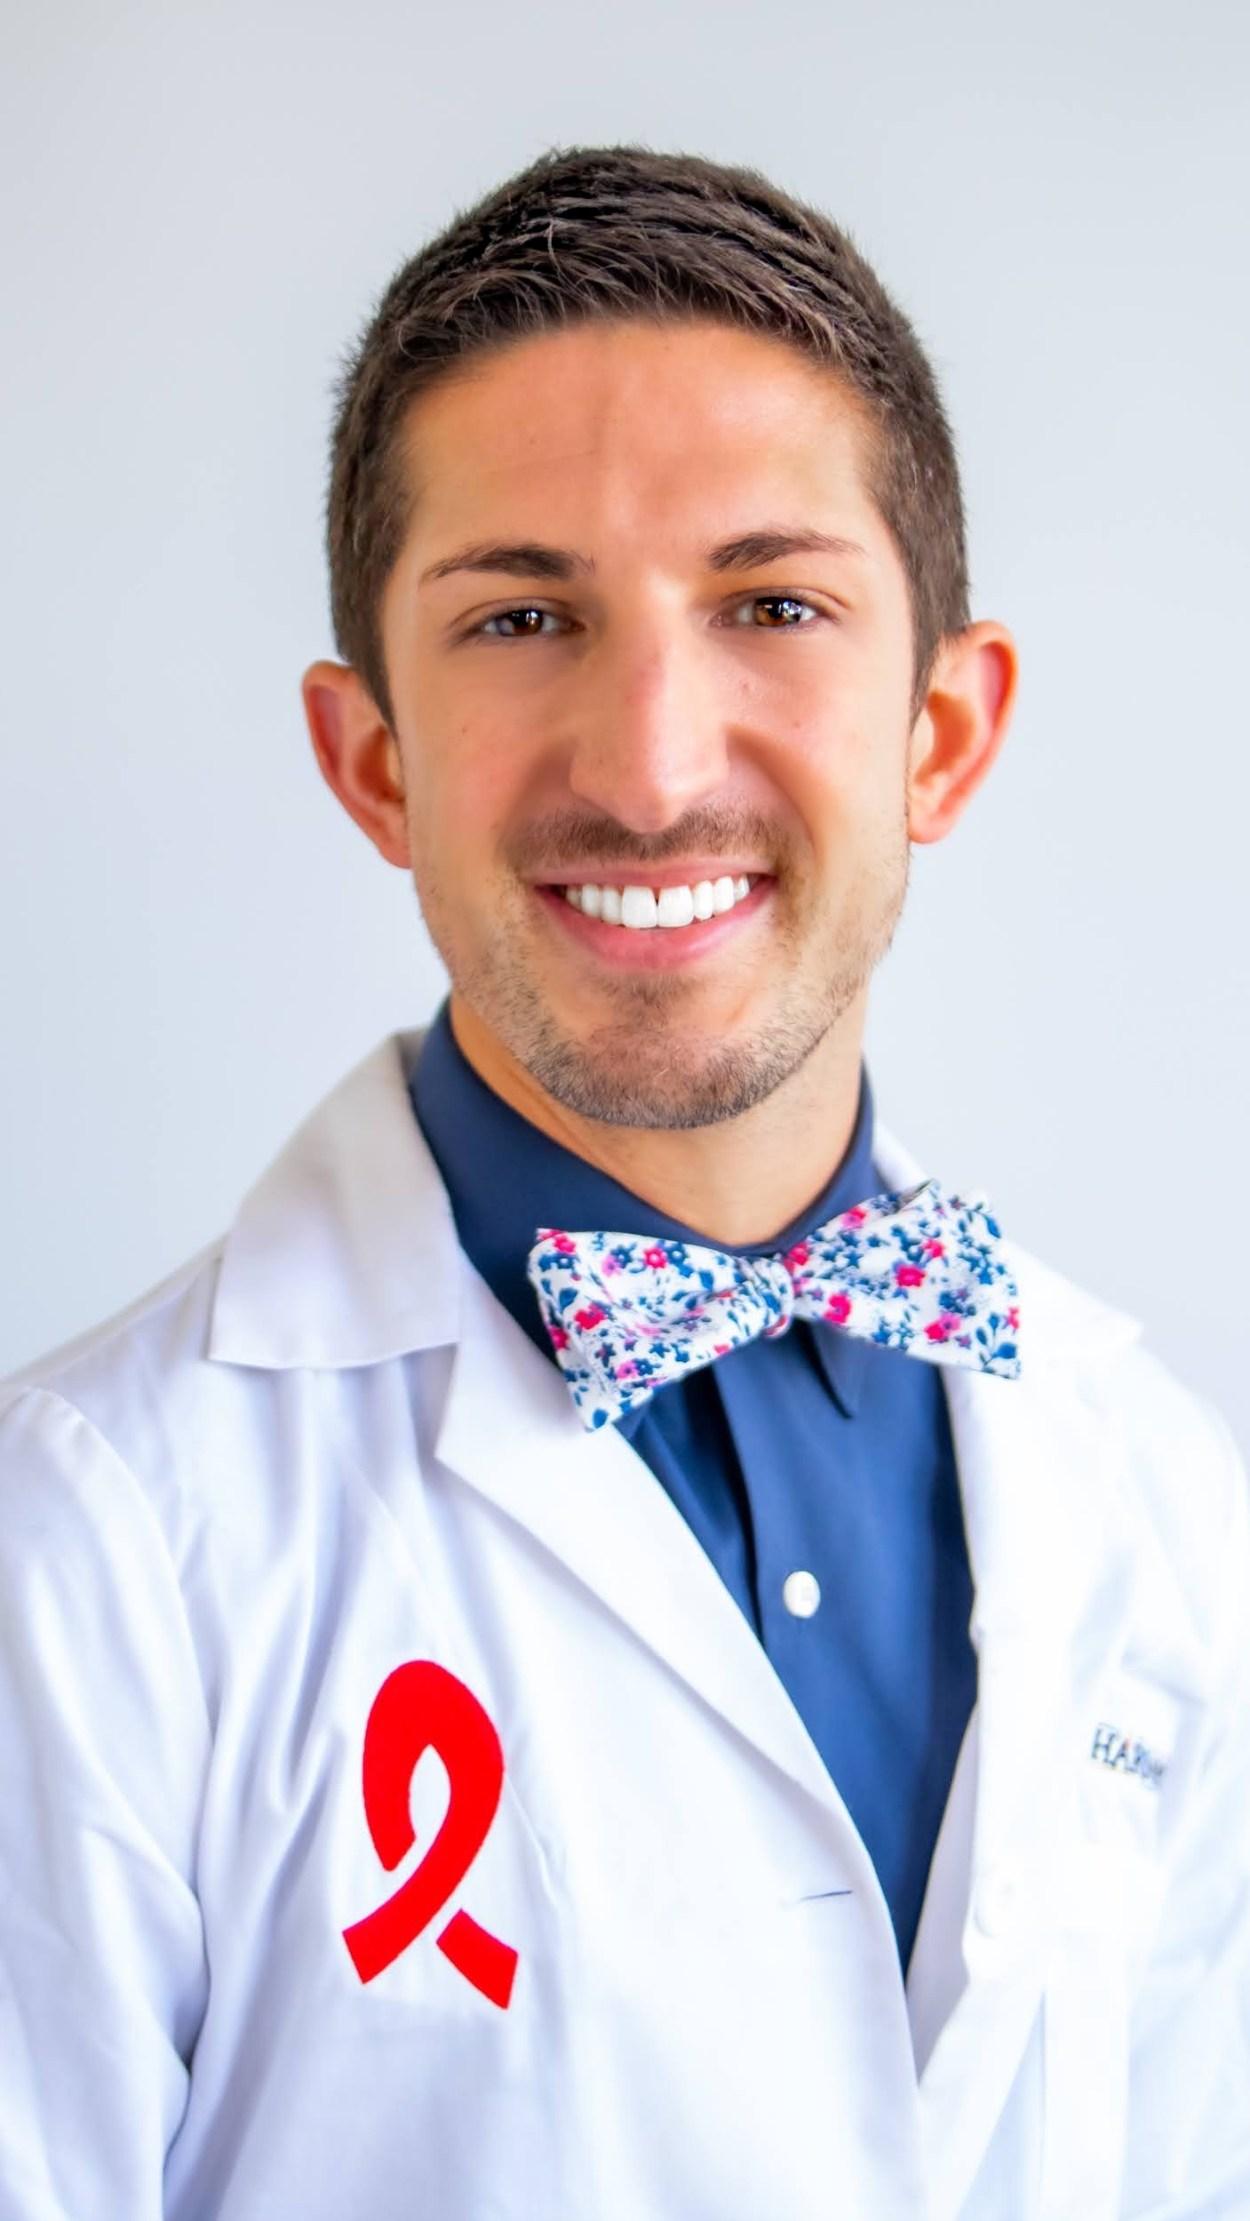 Dr. James Lagucik, D.O.